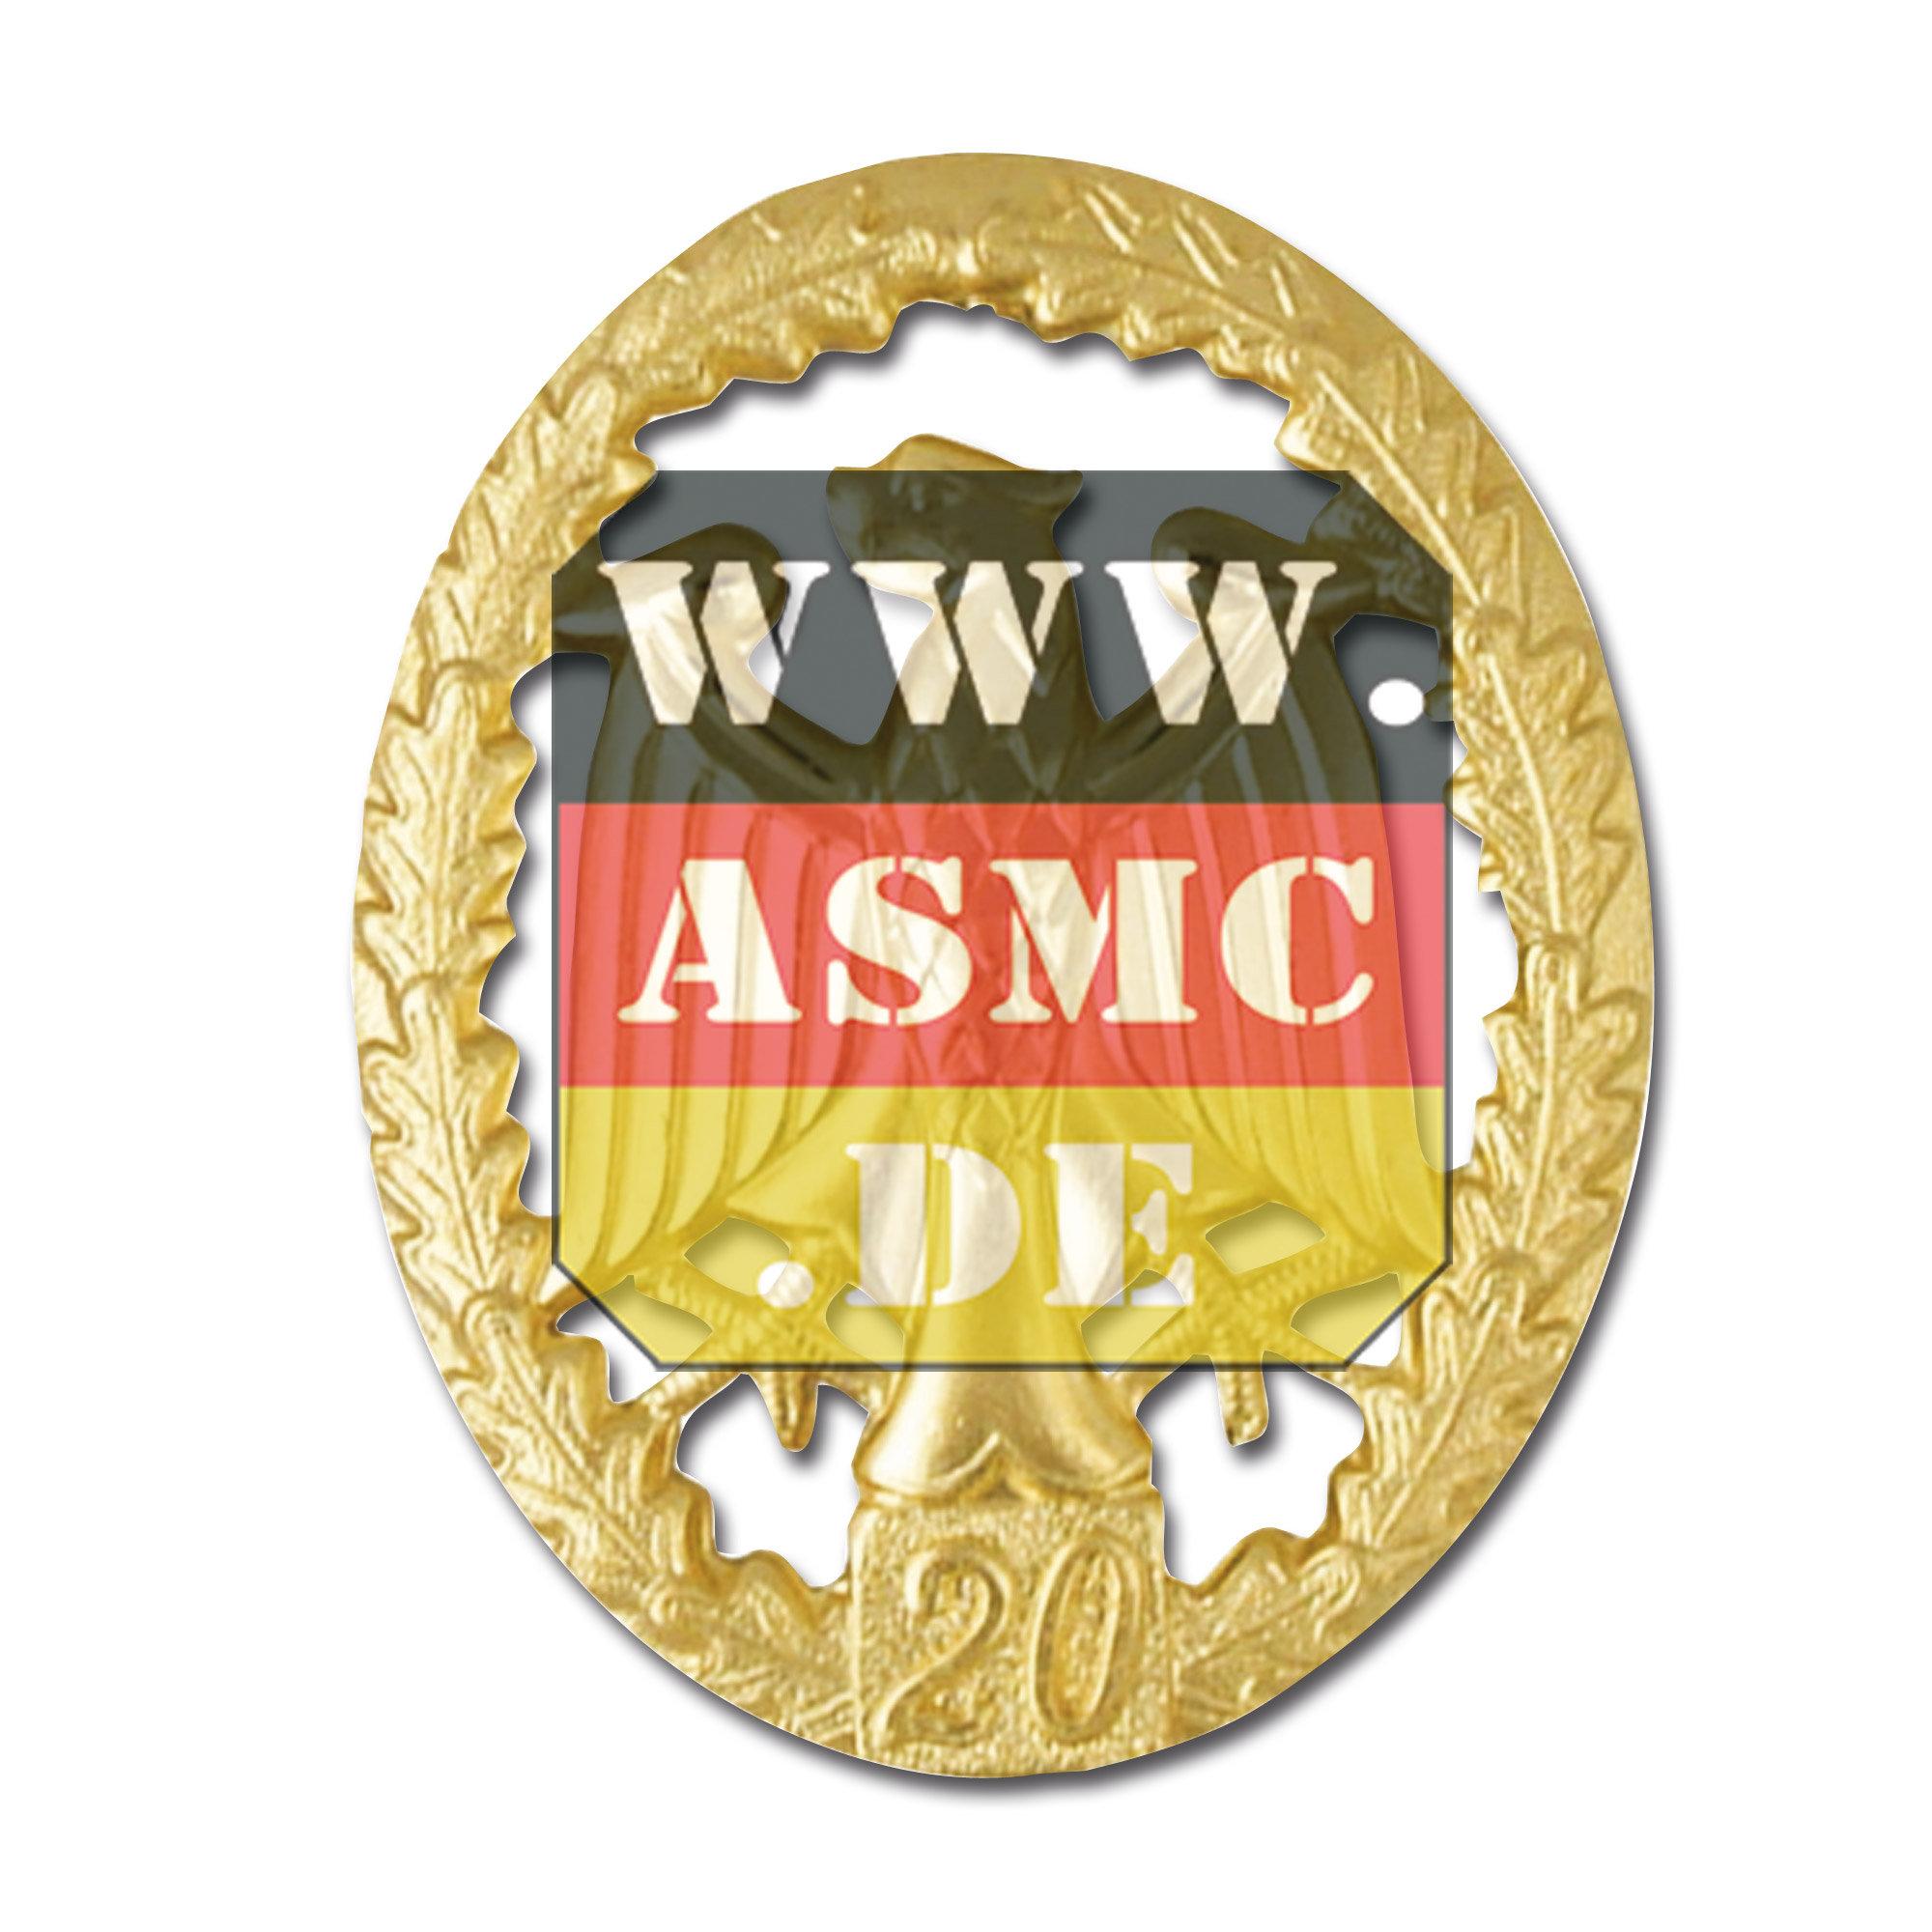 Leistungsabzeichen Metall gold Zahl 20